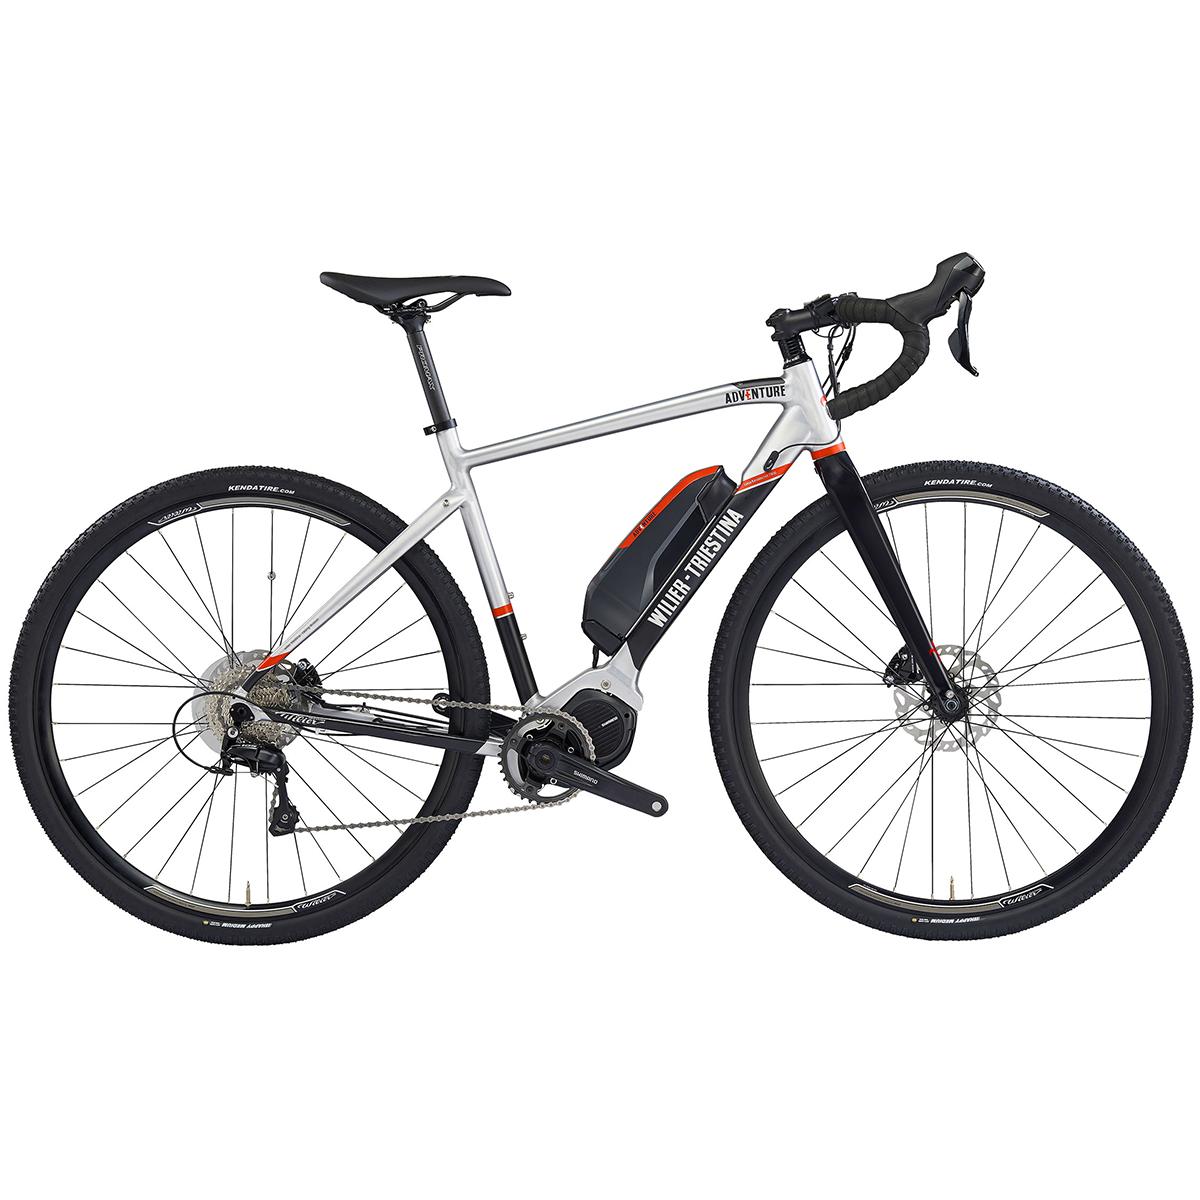 Wilier E-Adventure Gravel E-Bike £1999.99 at Merlin Cycles